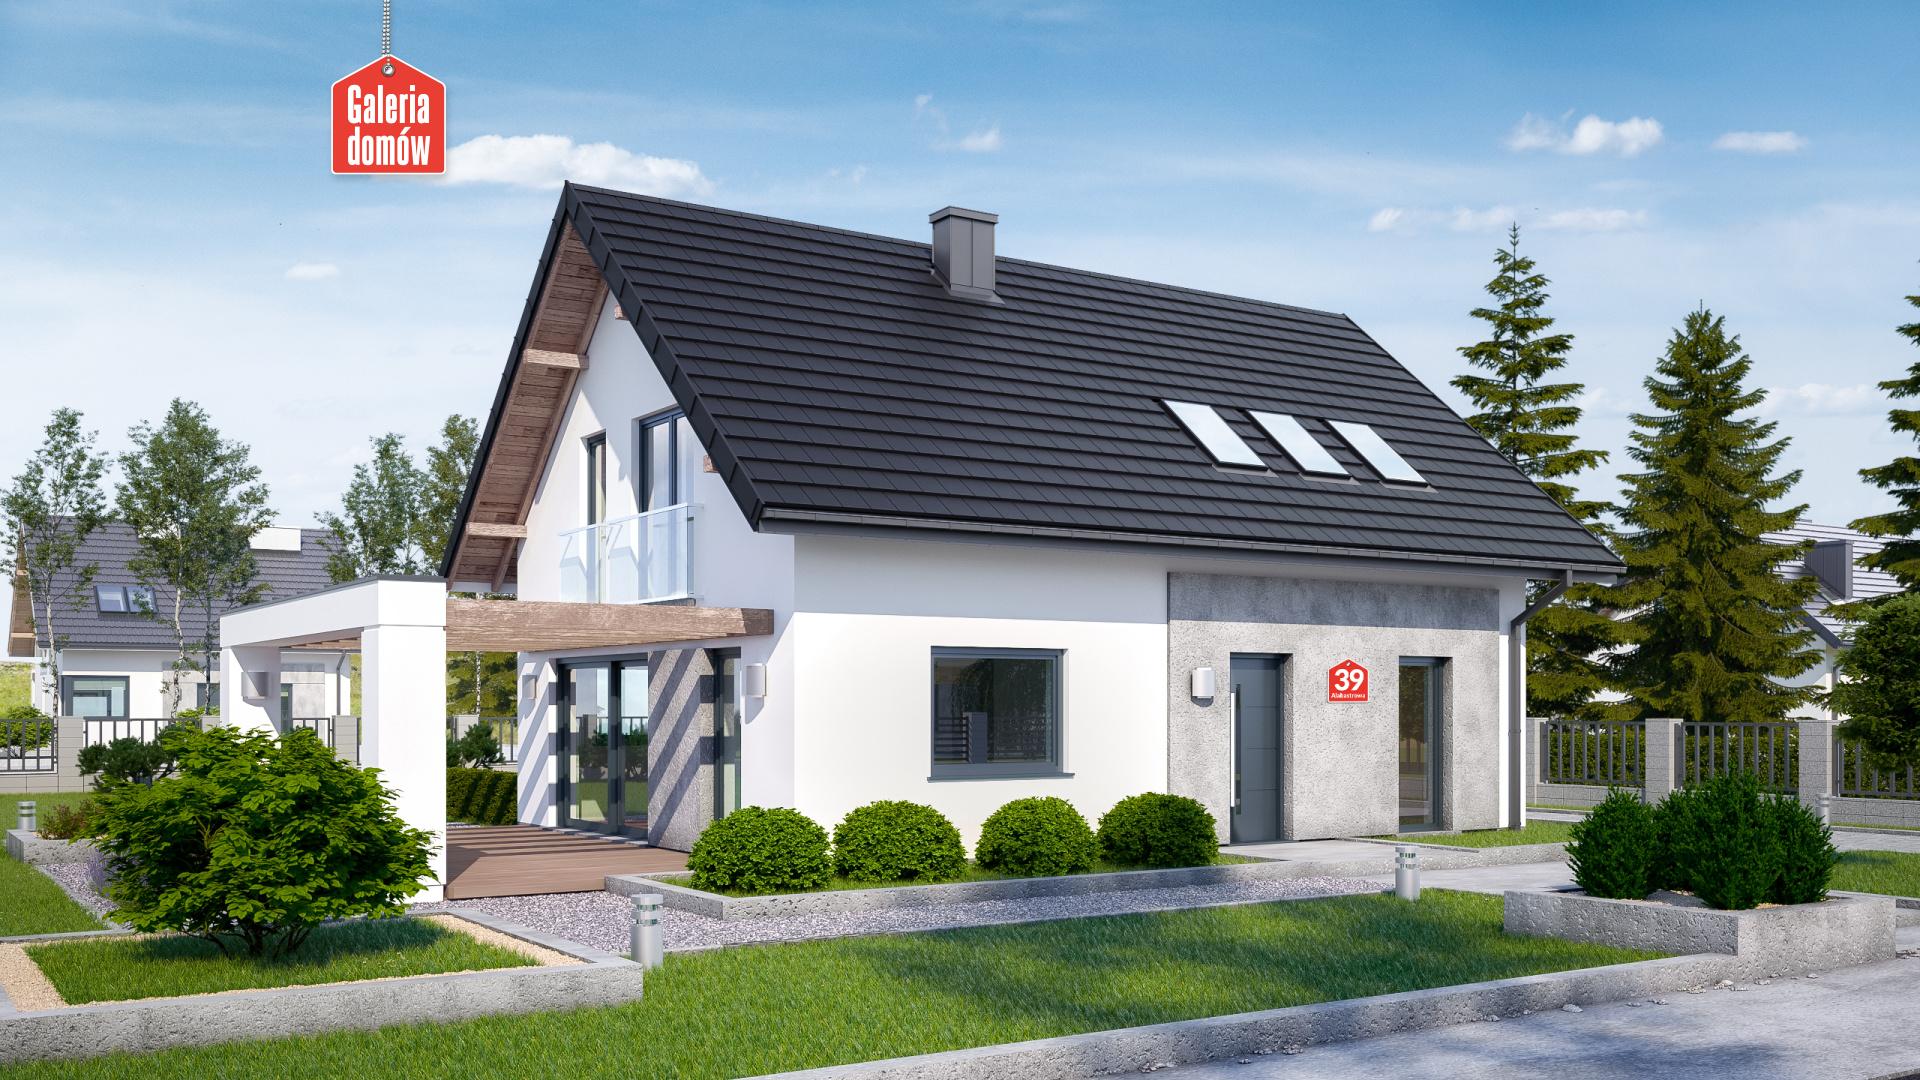 Dom Przy Alabastrowej 39 Gotowy Projekt Domu Jednorodzinnego